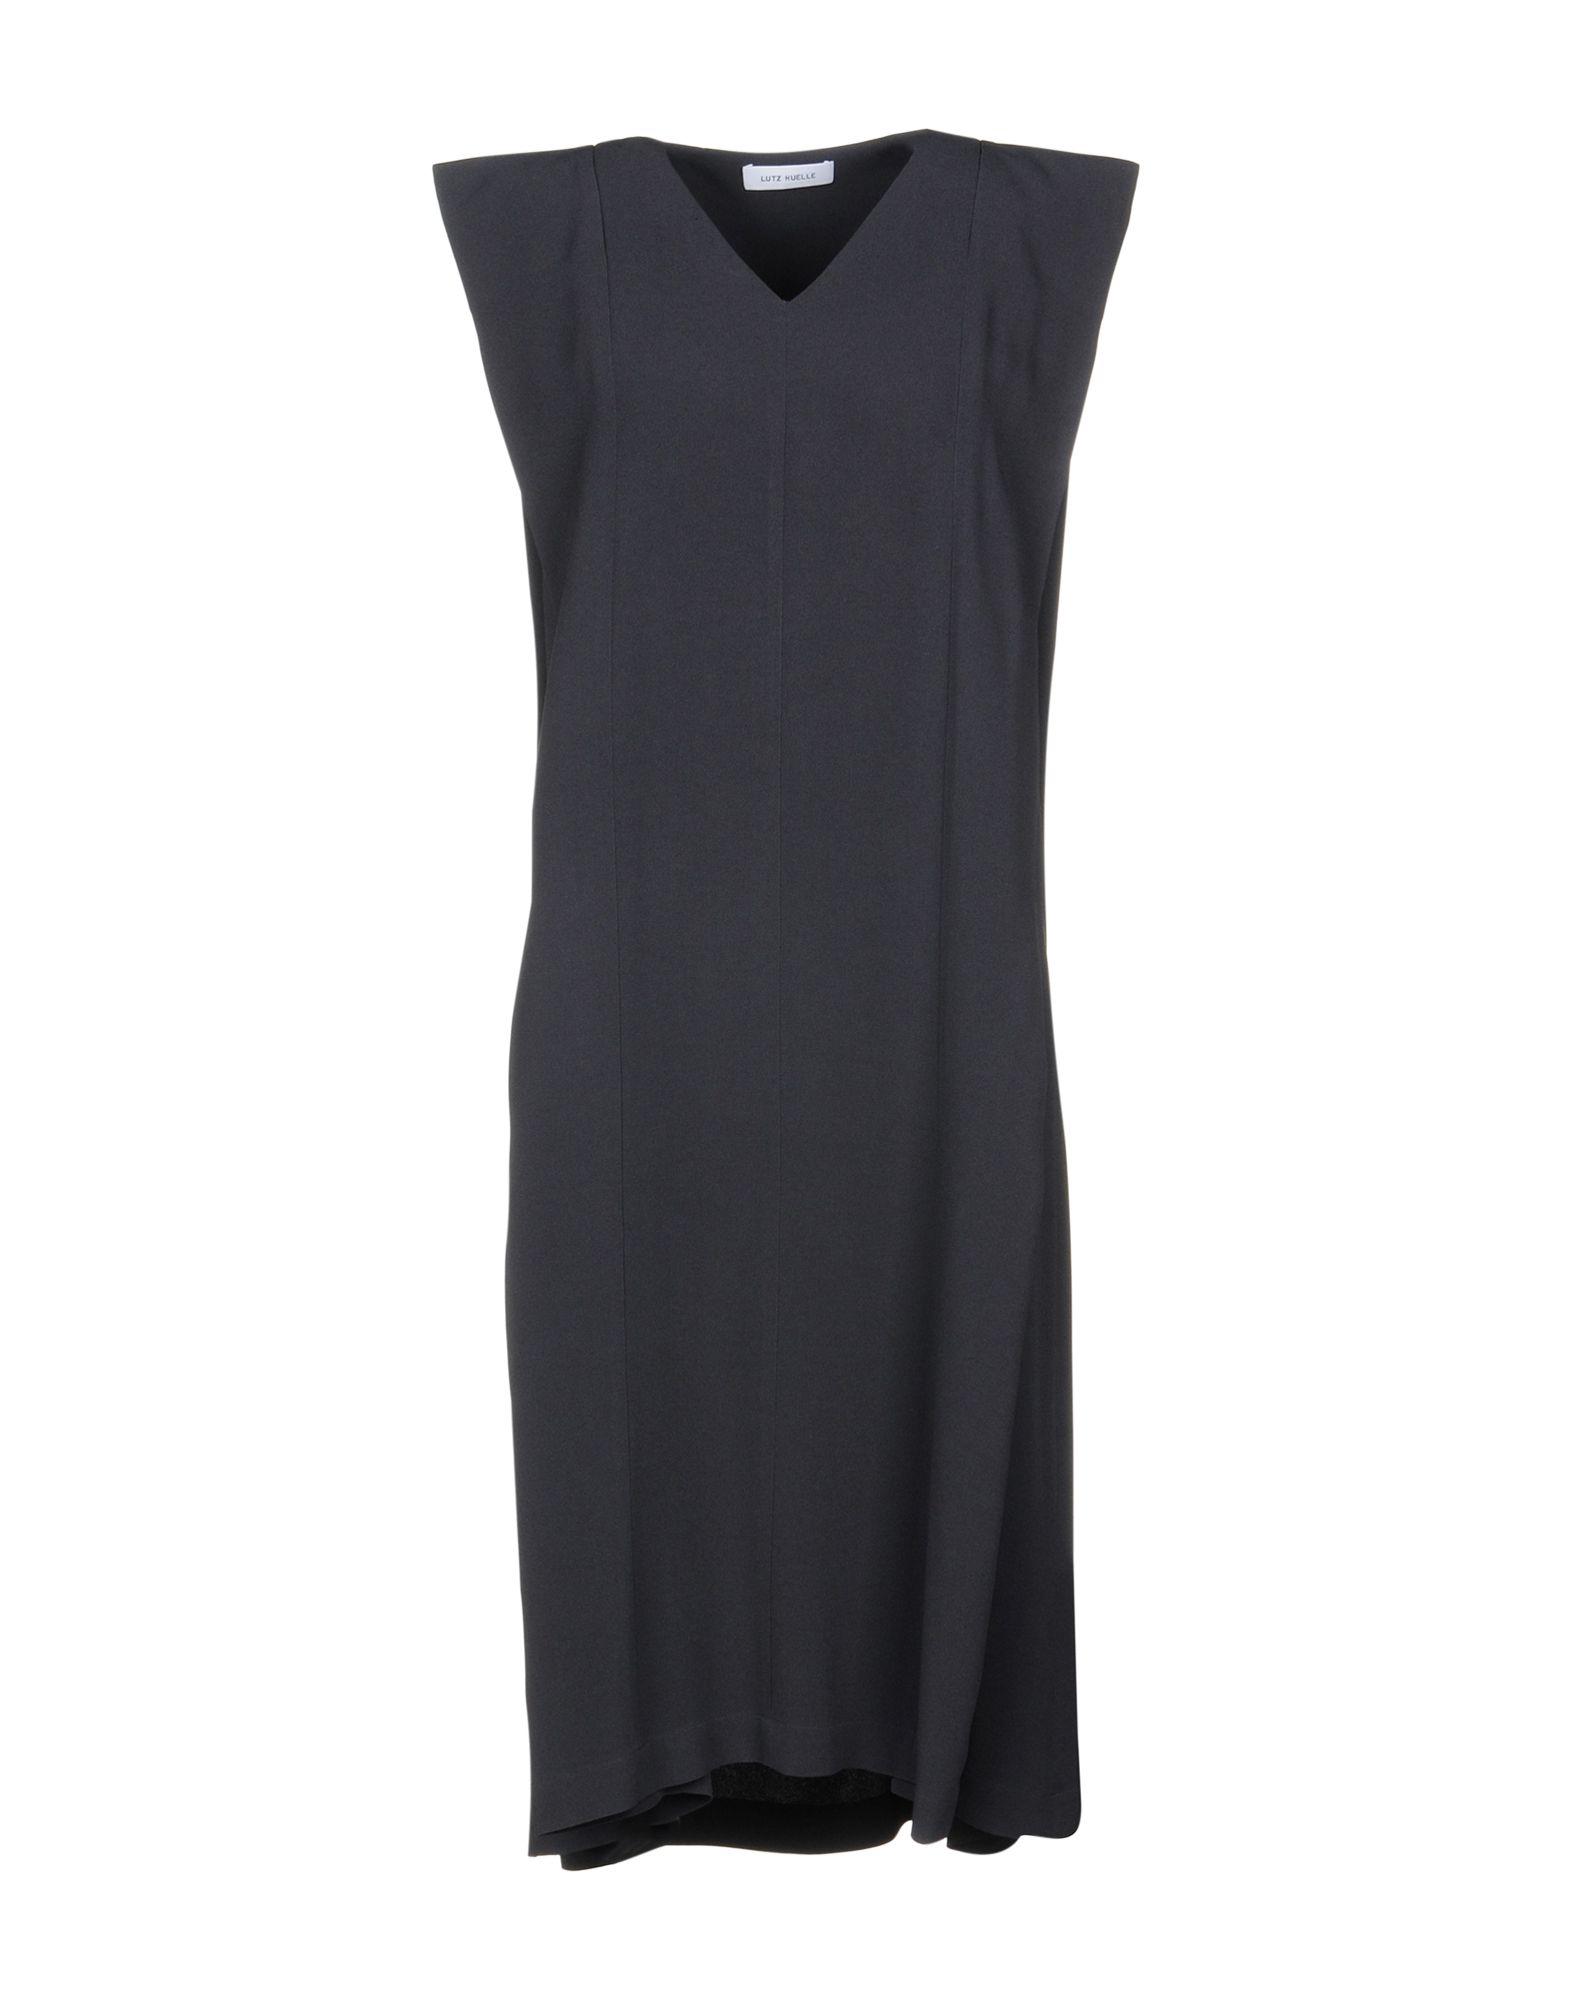 LUTZ HUELLE Knee-Length Dress in Lead